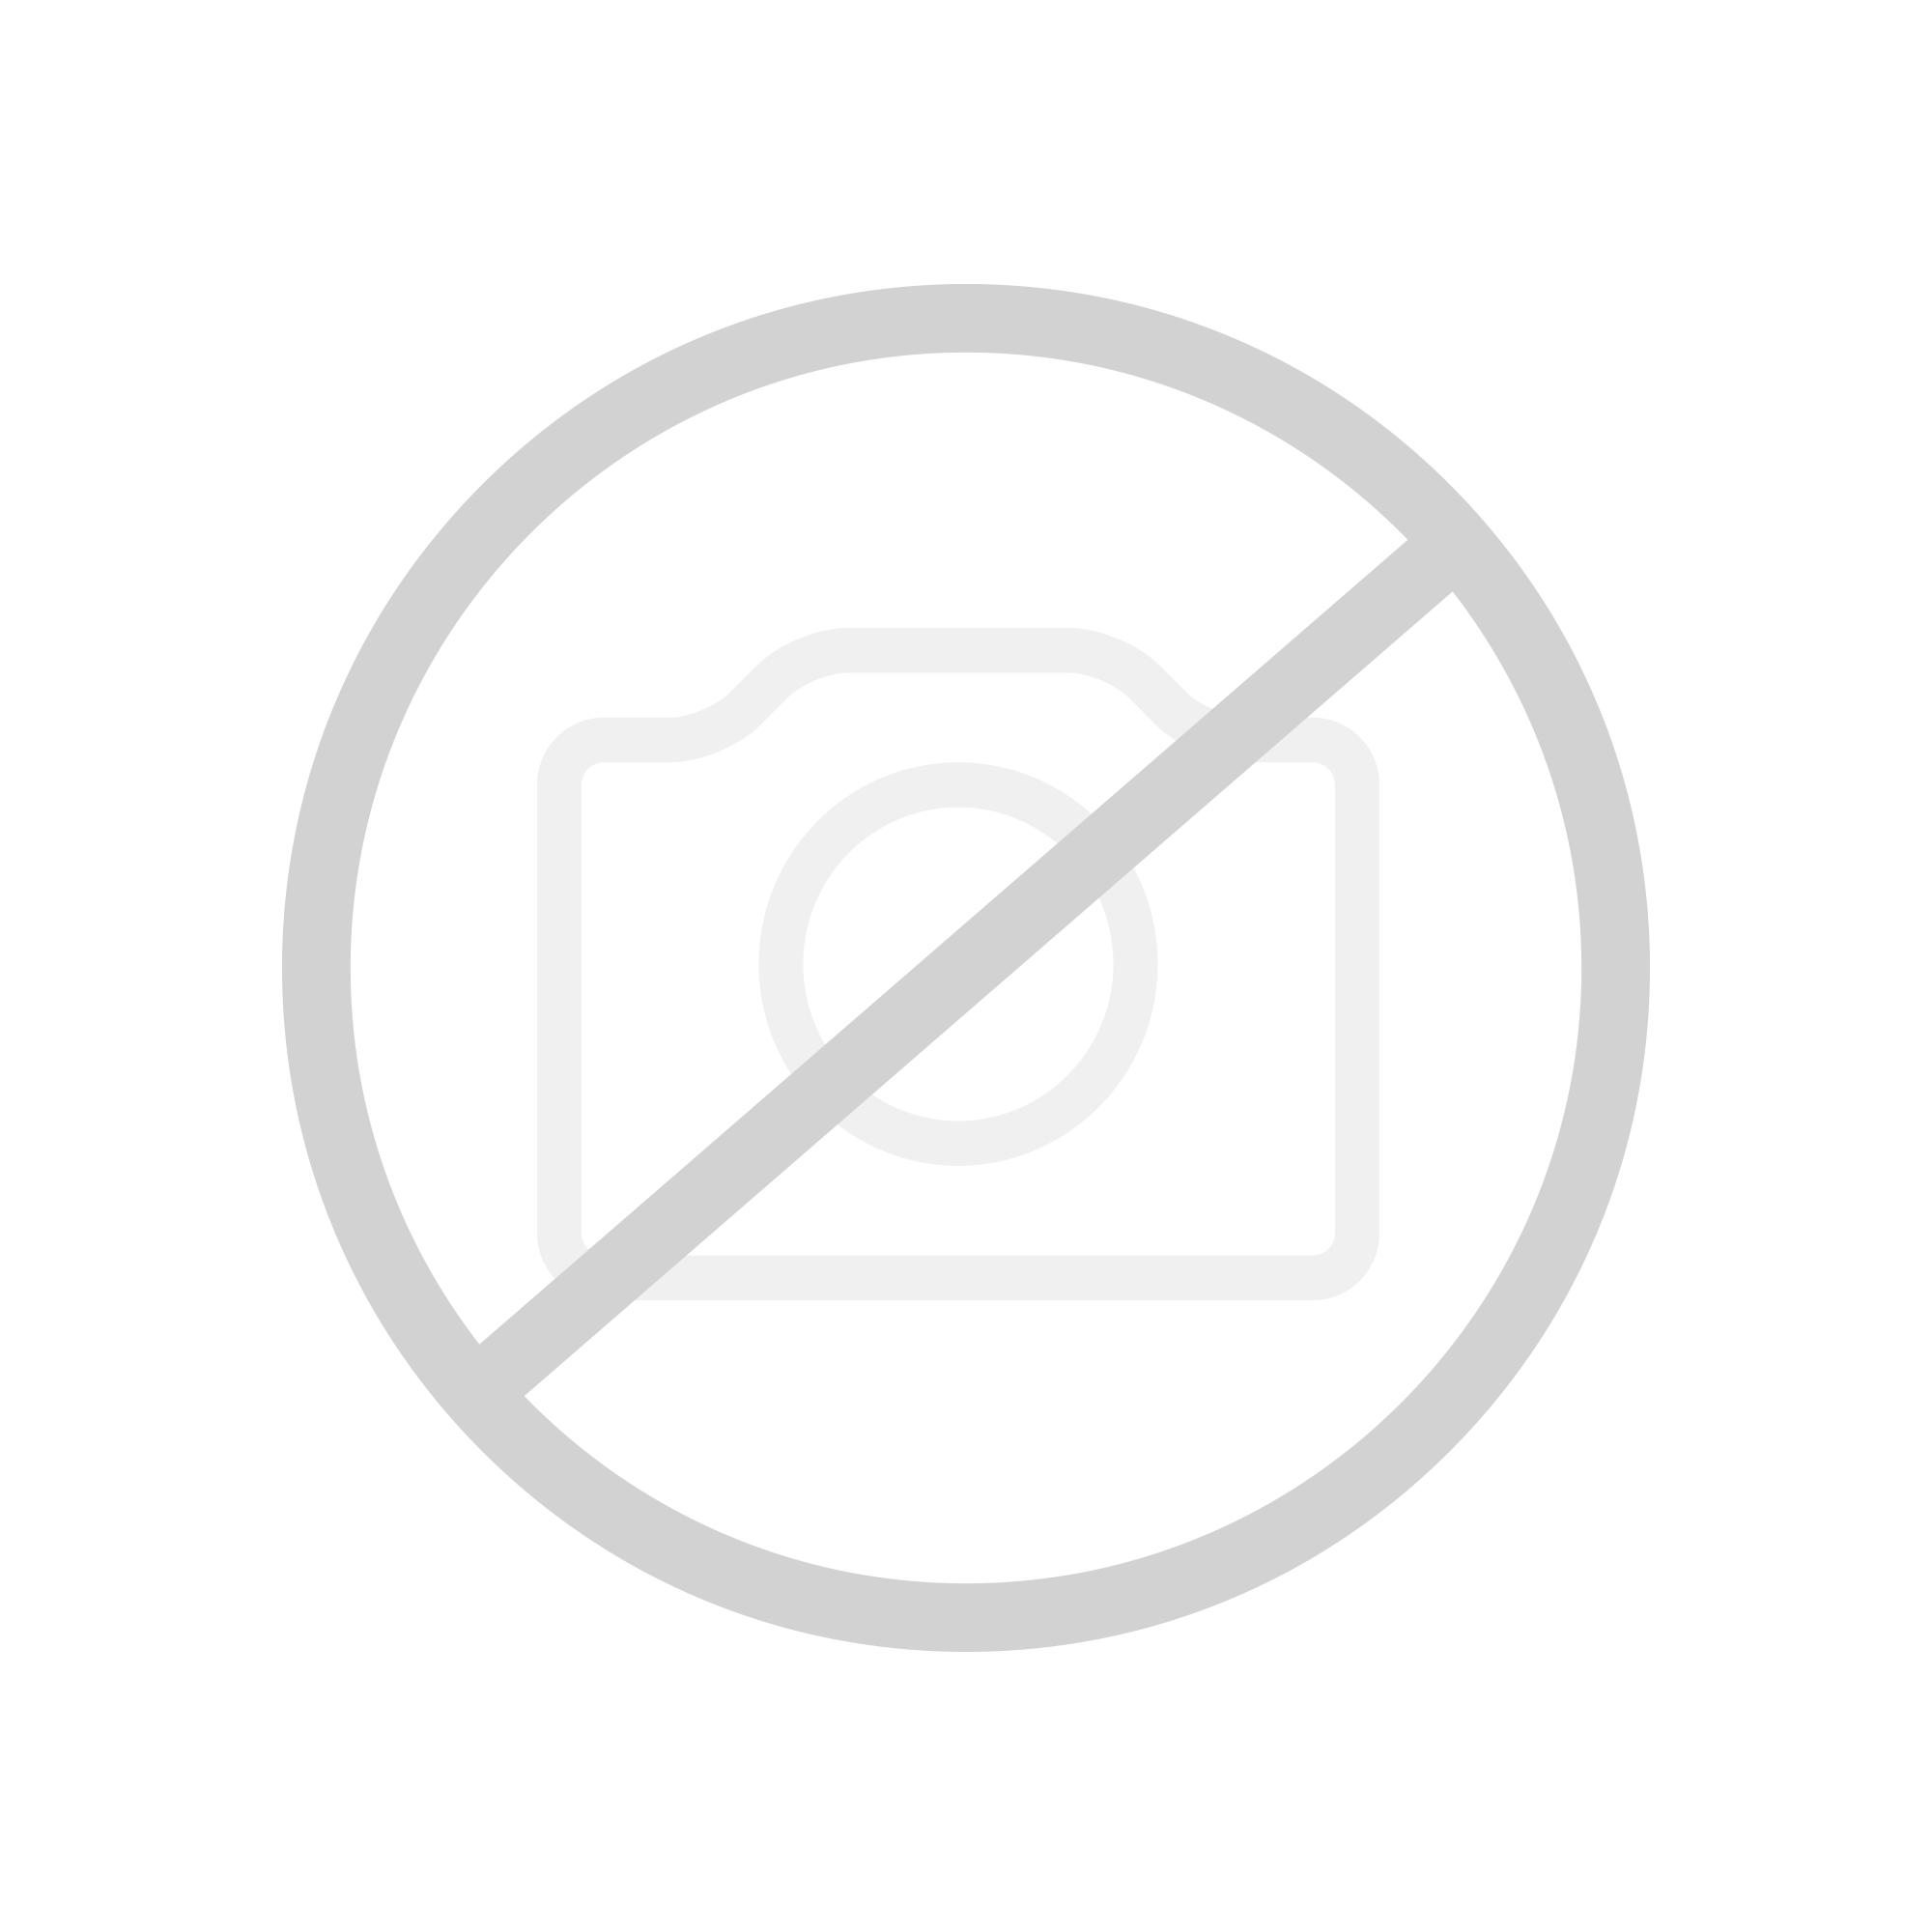 Duravit Starck 2 Spülkasten für Aufsatzmontage, Anschluss links weiß WonderGliss